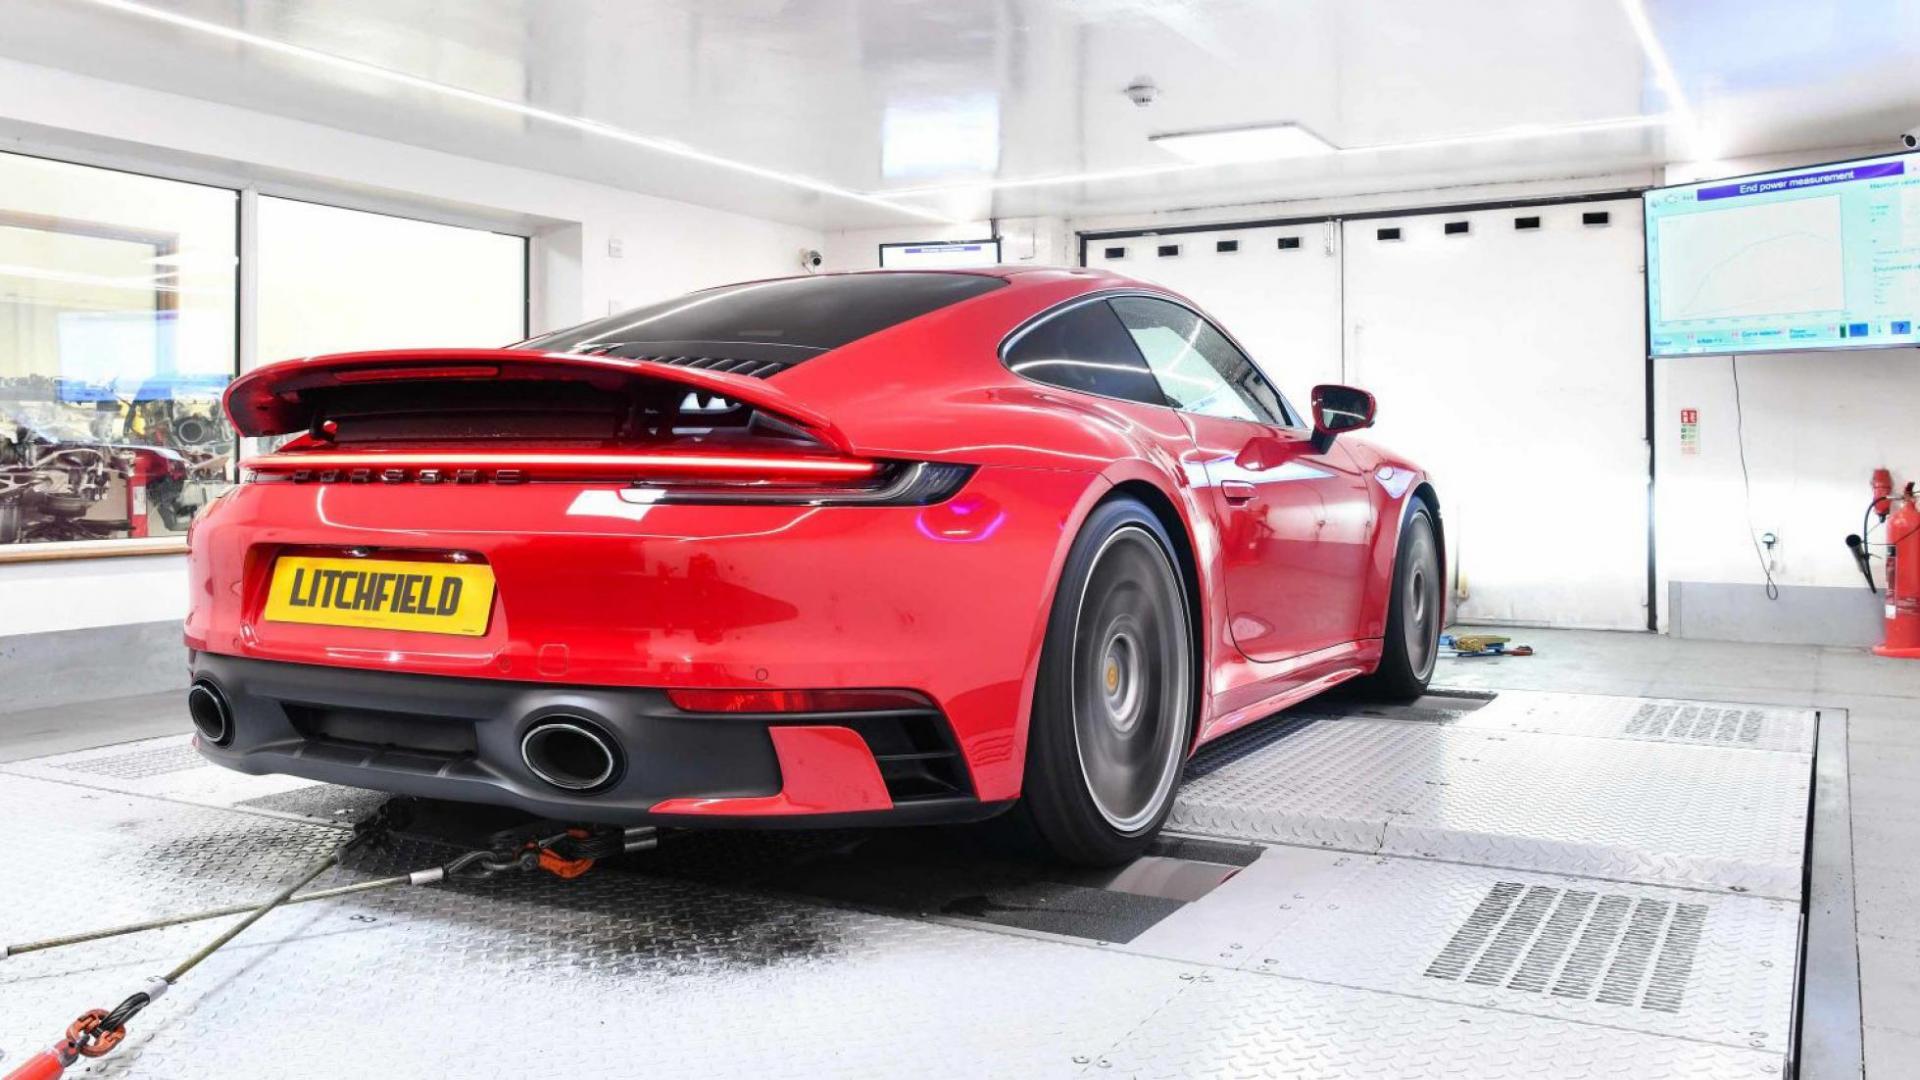 Litchfield 911 Porsche 992